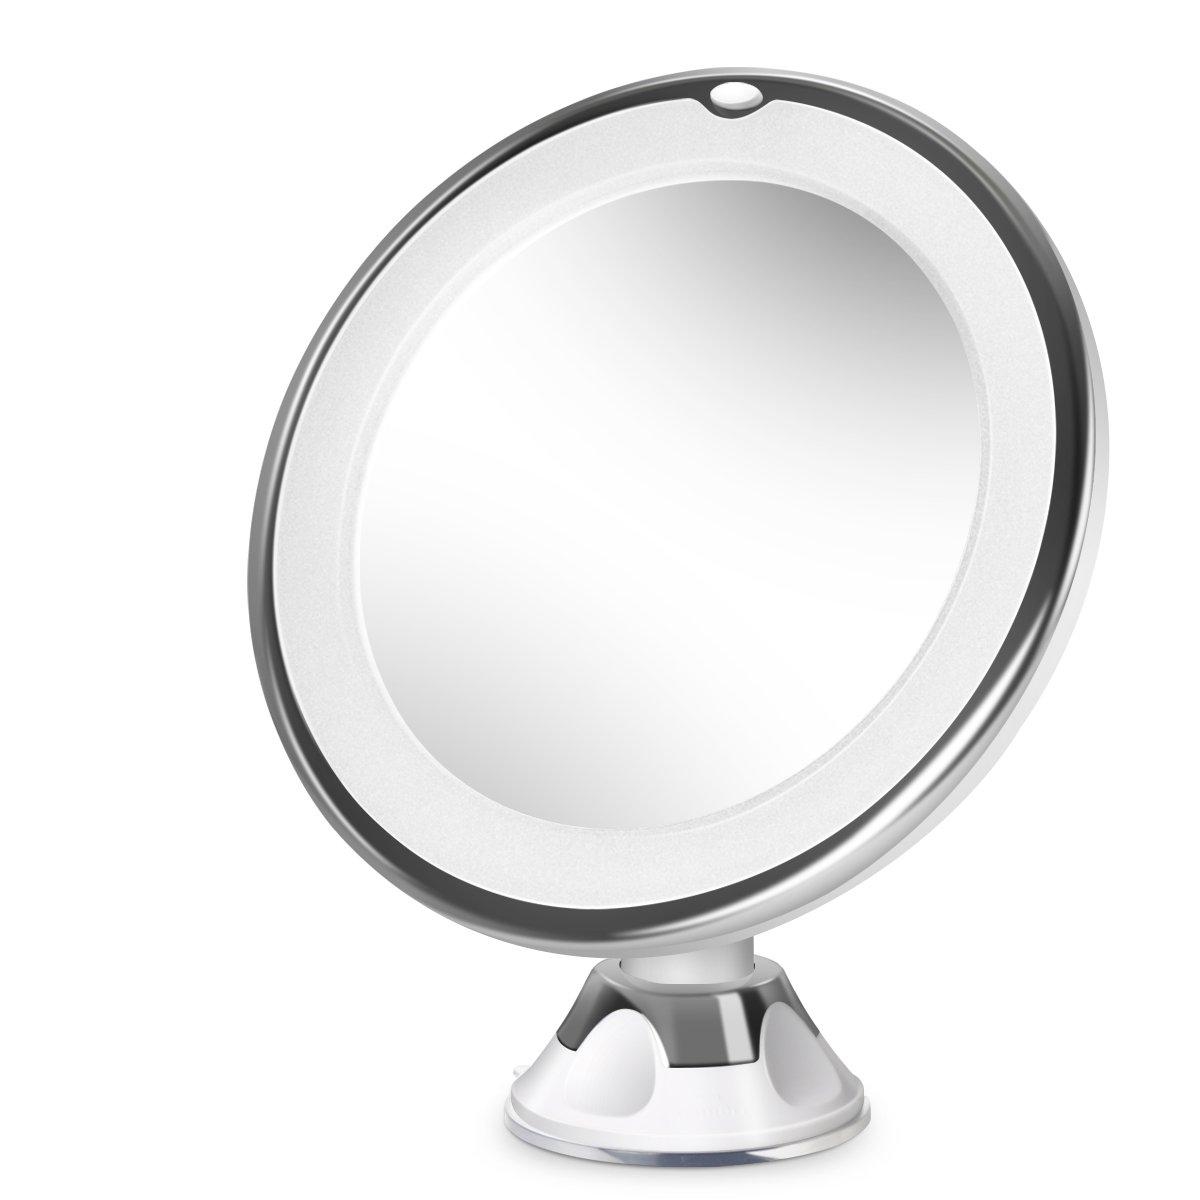 Beautural specchio per trucco makeup con ingrandimento 10 - Specchio ingrandimento ...